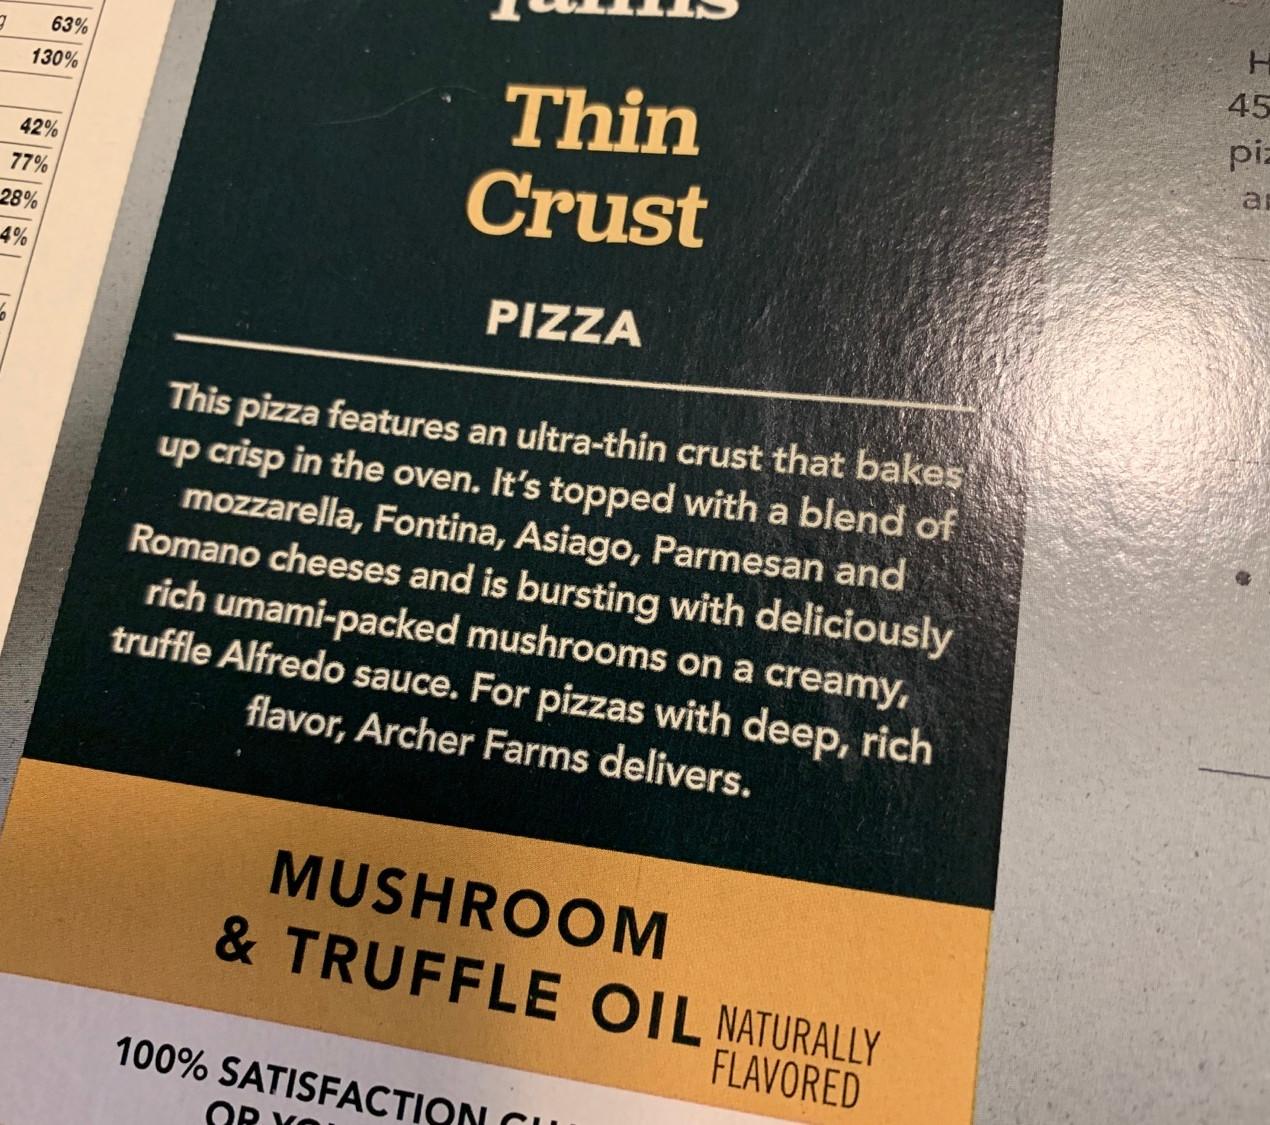 archer farms mushroom truffle oil frozen pizza box